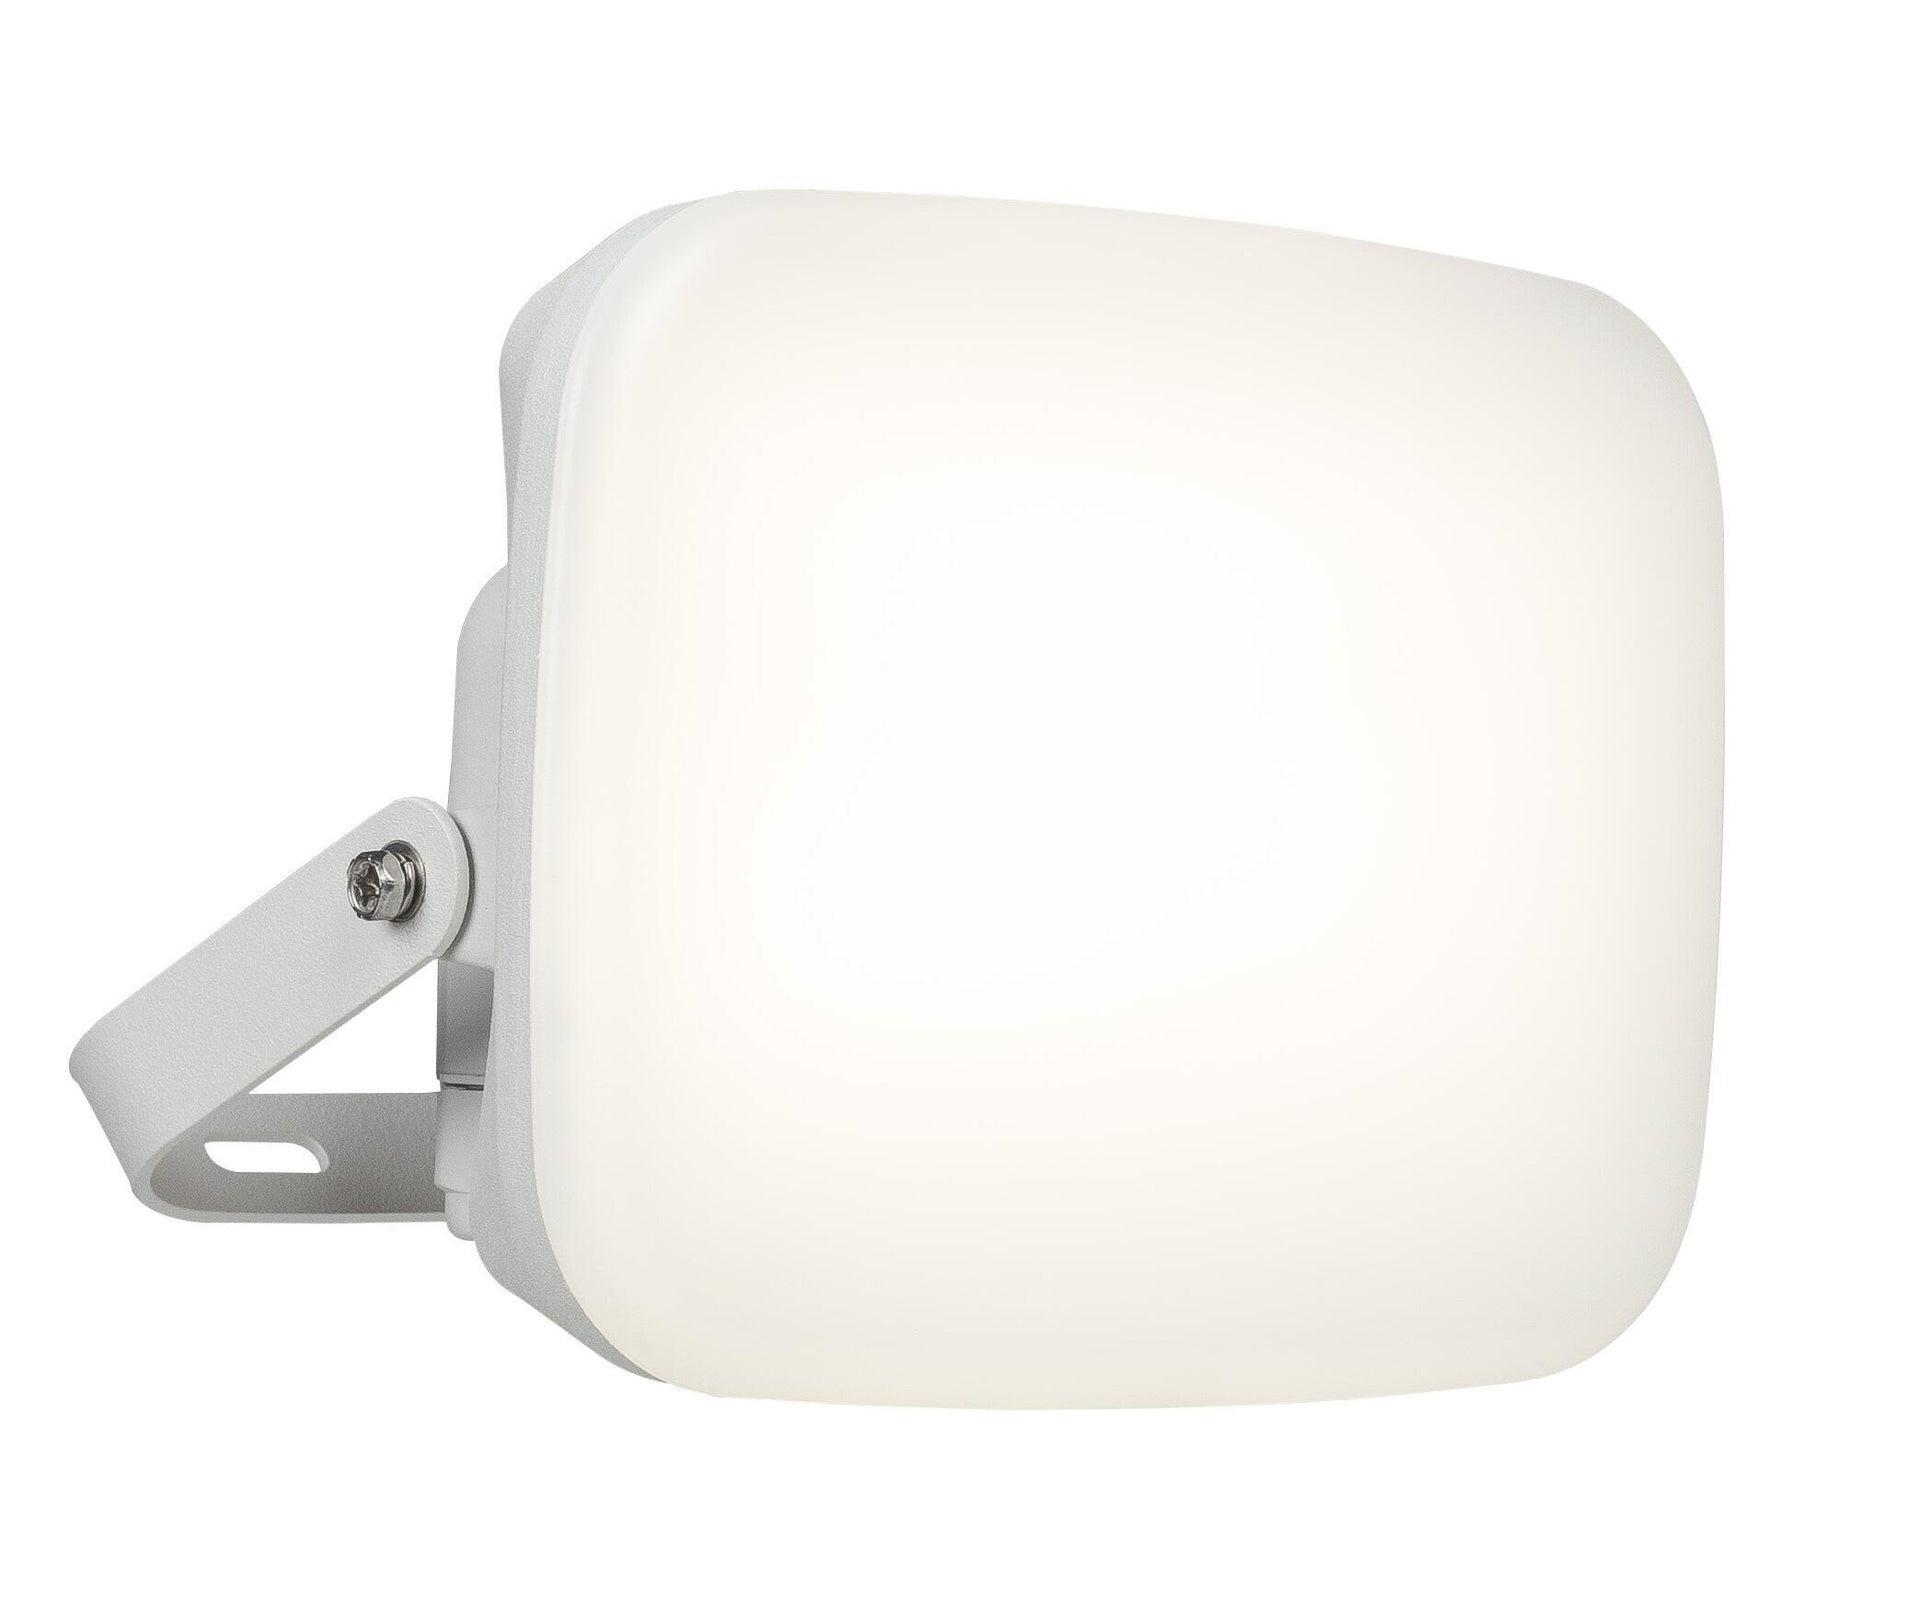 Proiettore LED integrato Kanti in alluminio, bianco, 30W 2000LM IP65 INSPIRE - 6